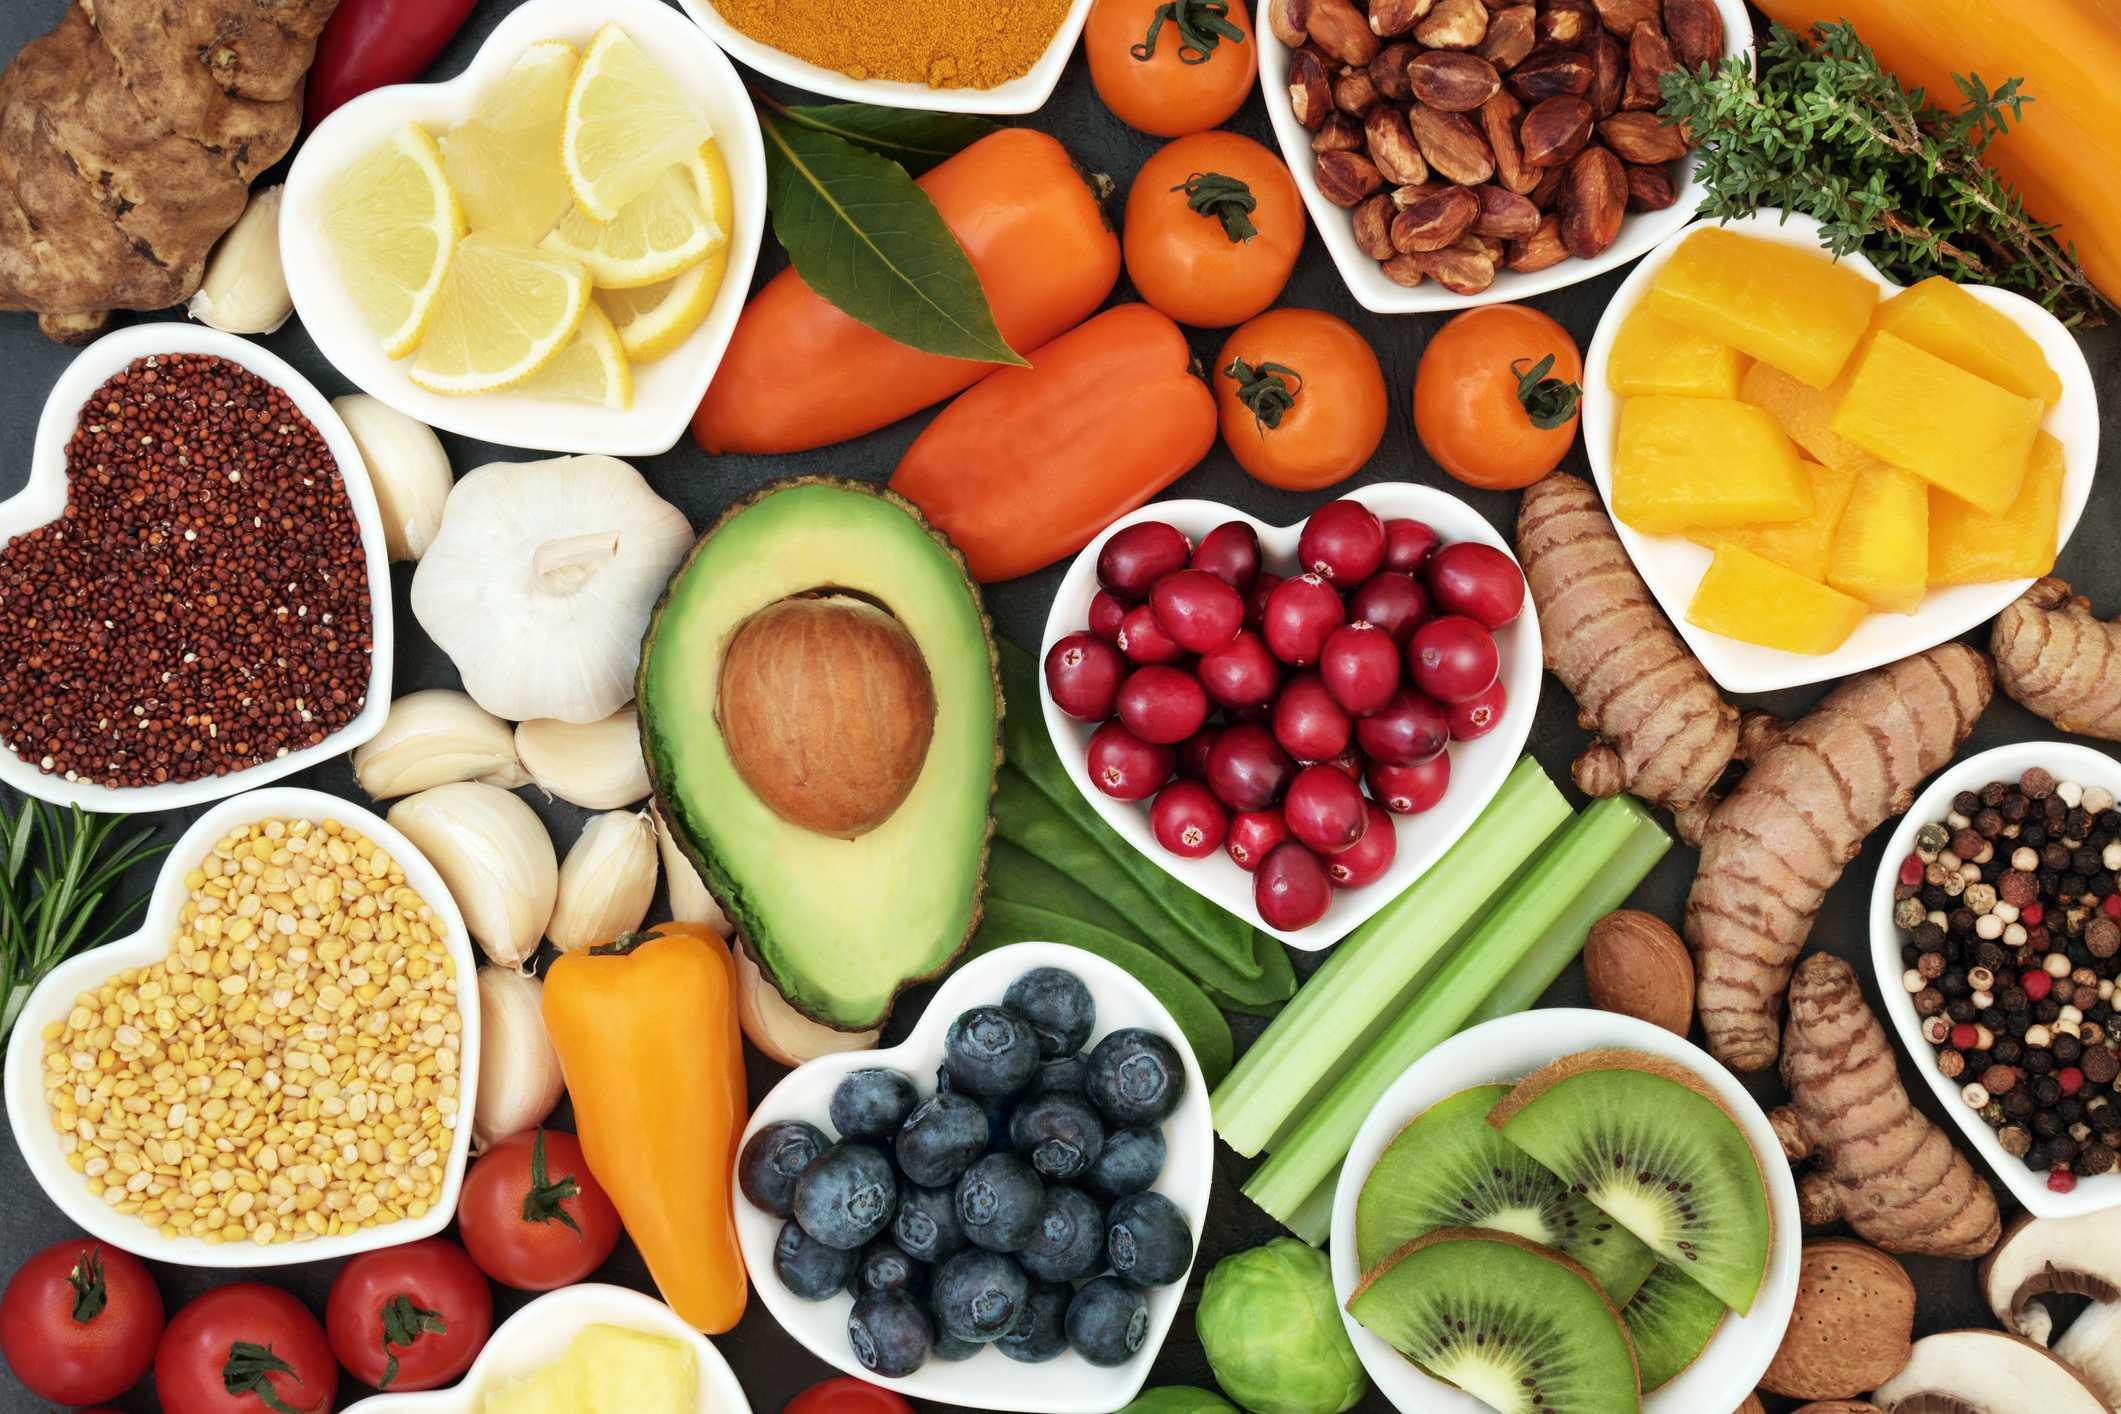 อาหารสำหรับเด็กที่มีประโยชน์ควรทานอะไรบ้าง